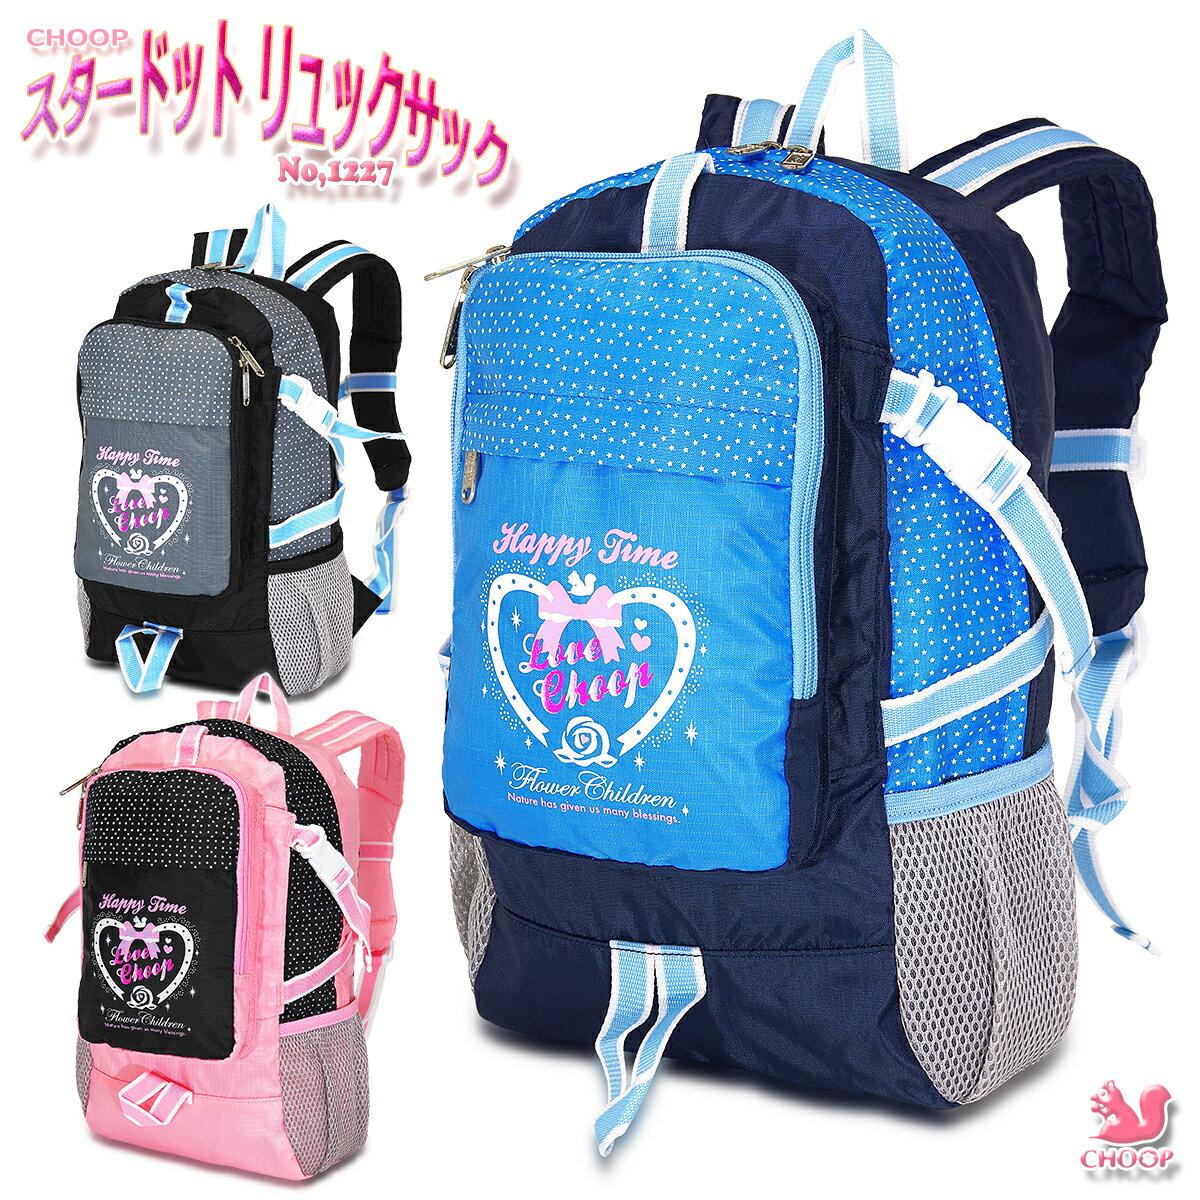 シュープ スタードット リュックサック 女子/ガールズ/キッズ バックパック ブラック/ピンク/ブルー 約W25cm×H38cm×D13.5cm 1227